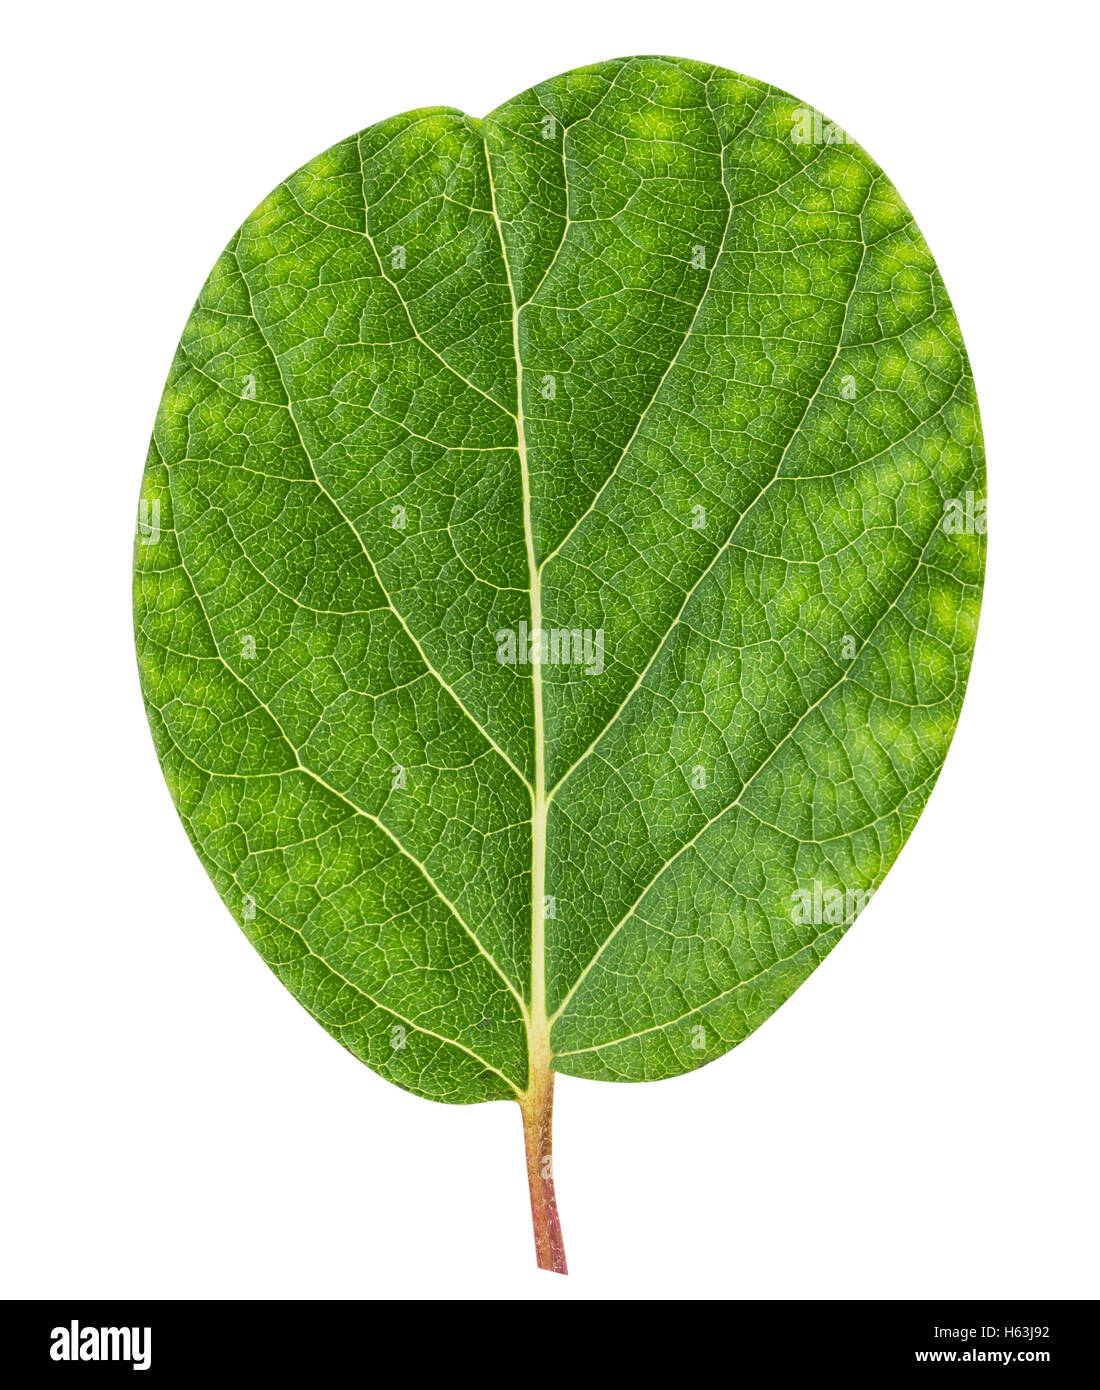 Kiwi leaf isolated on white background clipping path - Stock Image